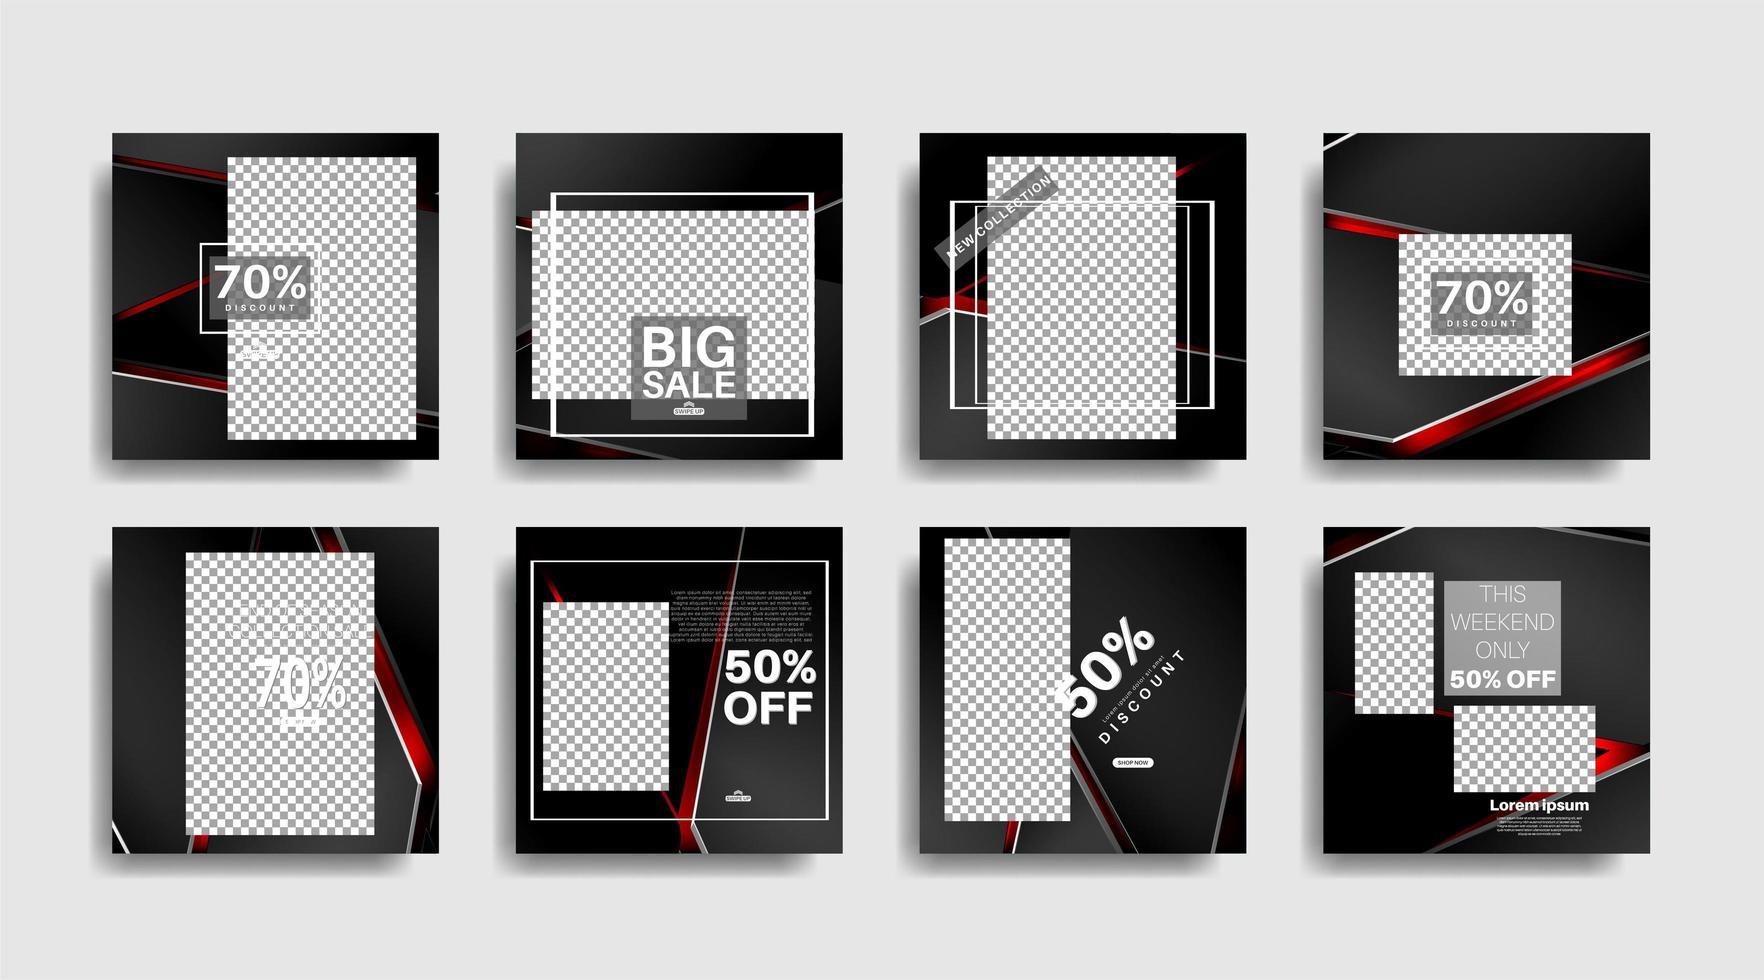 banners promocionales editados cuadrados modernos para publicaciones en redes sociales. ilustración de diseño vectorial vector